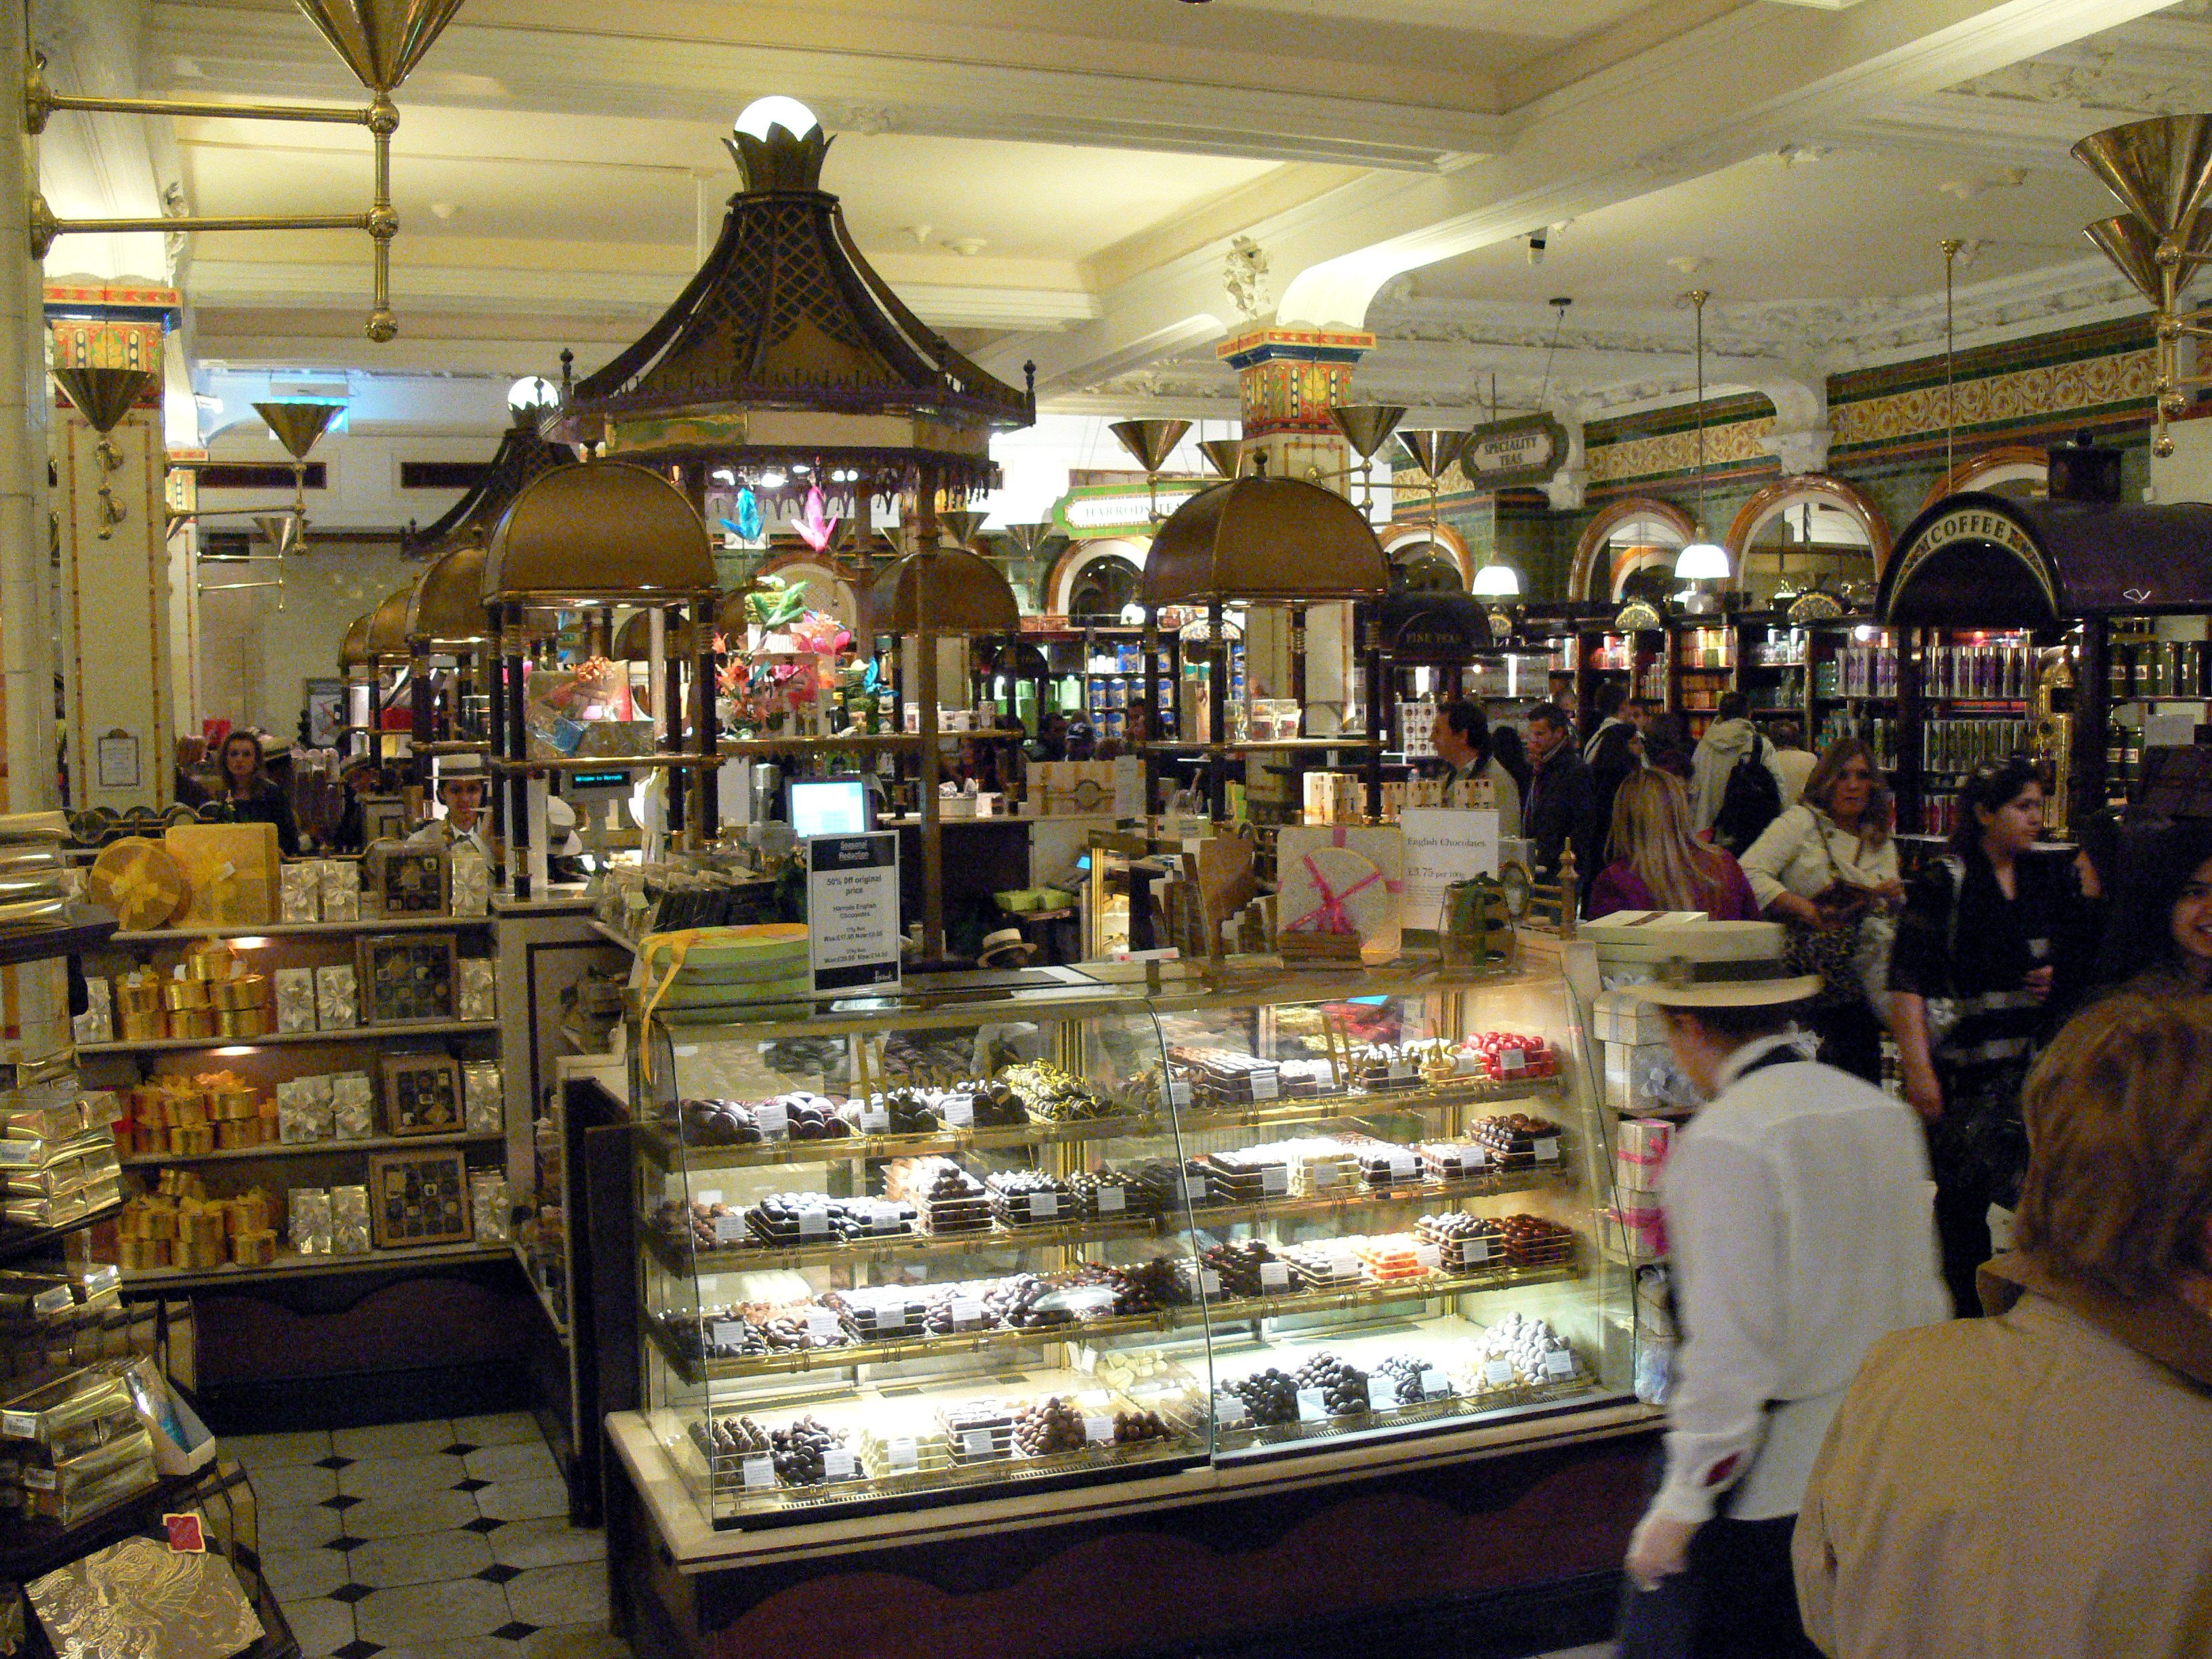 Lo mejor en Tienda de souvenirs en Ciudad de México -